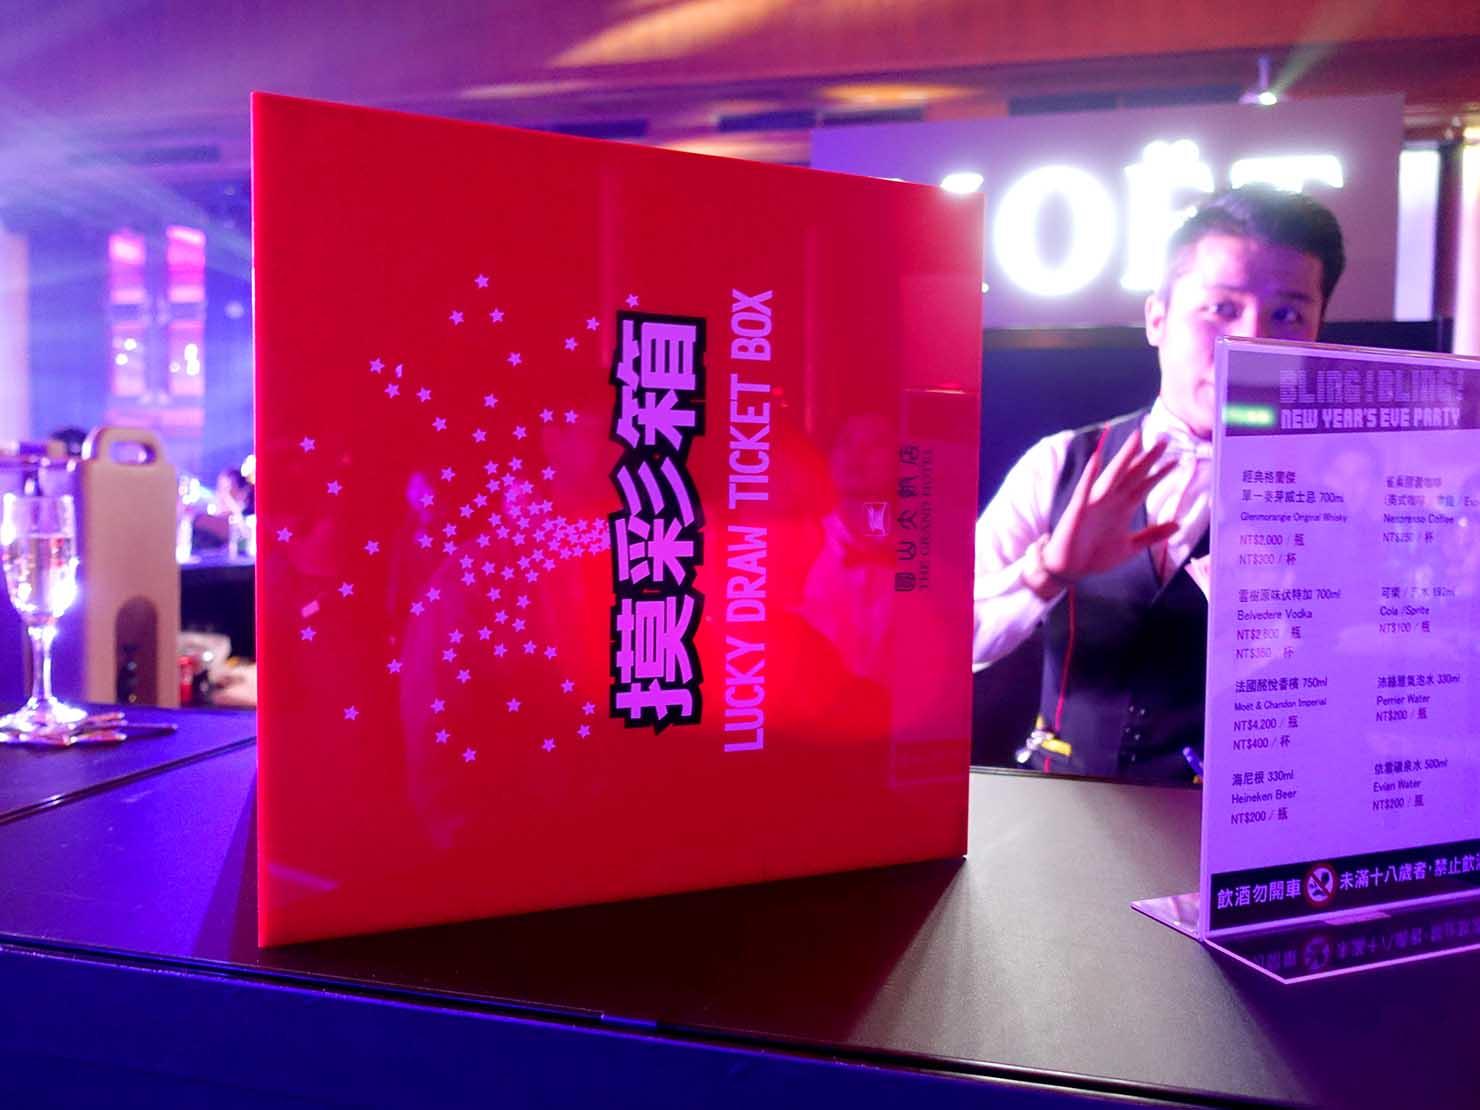 台北・圓山大飯店のカウントダウンパーティー「Bling Bling跨年派對」会場のバーカウンターに置かれた抽選ボックス